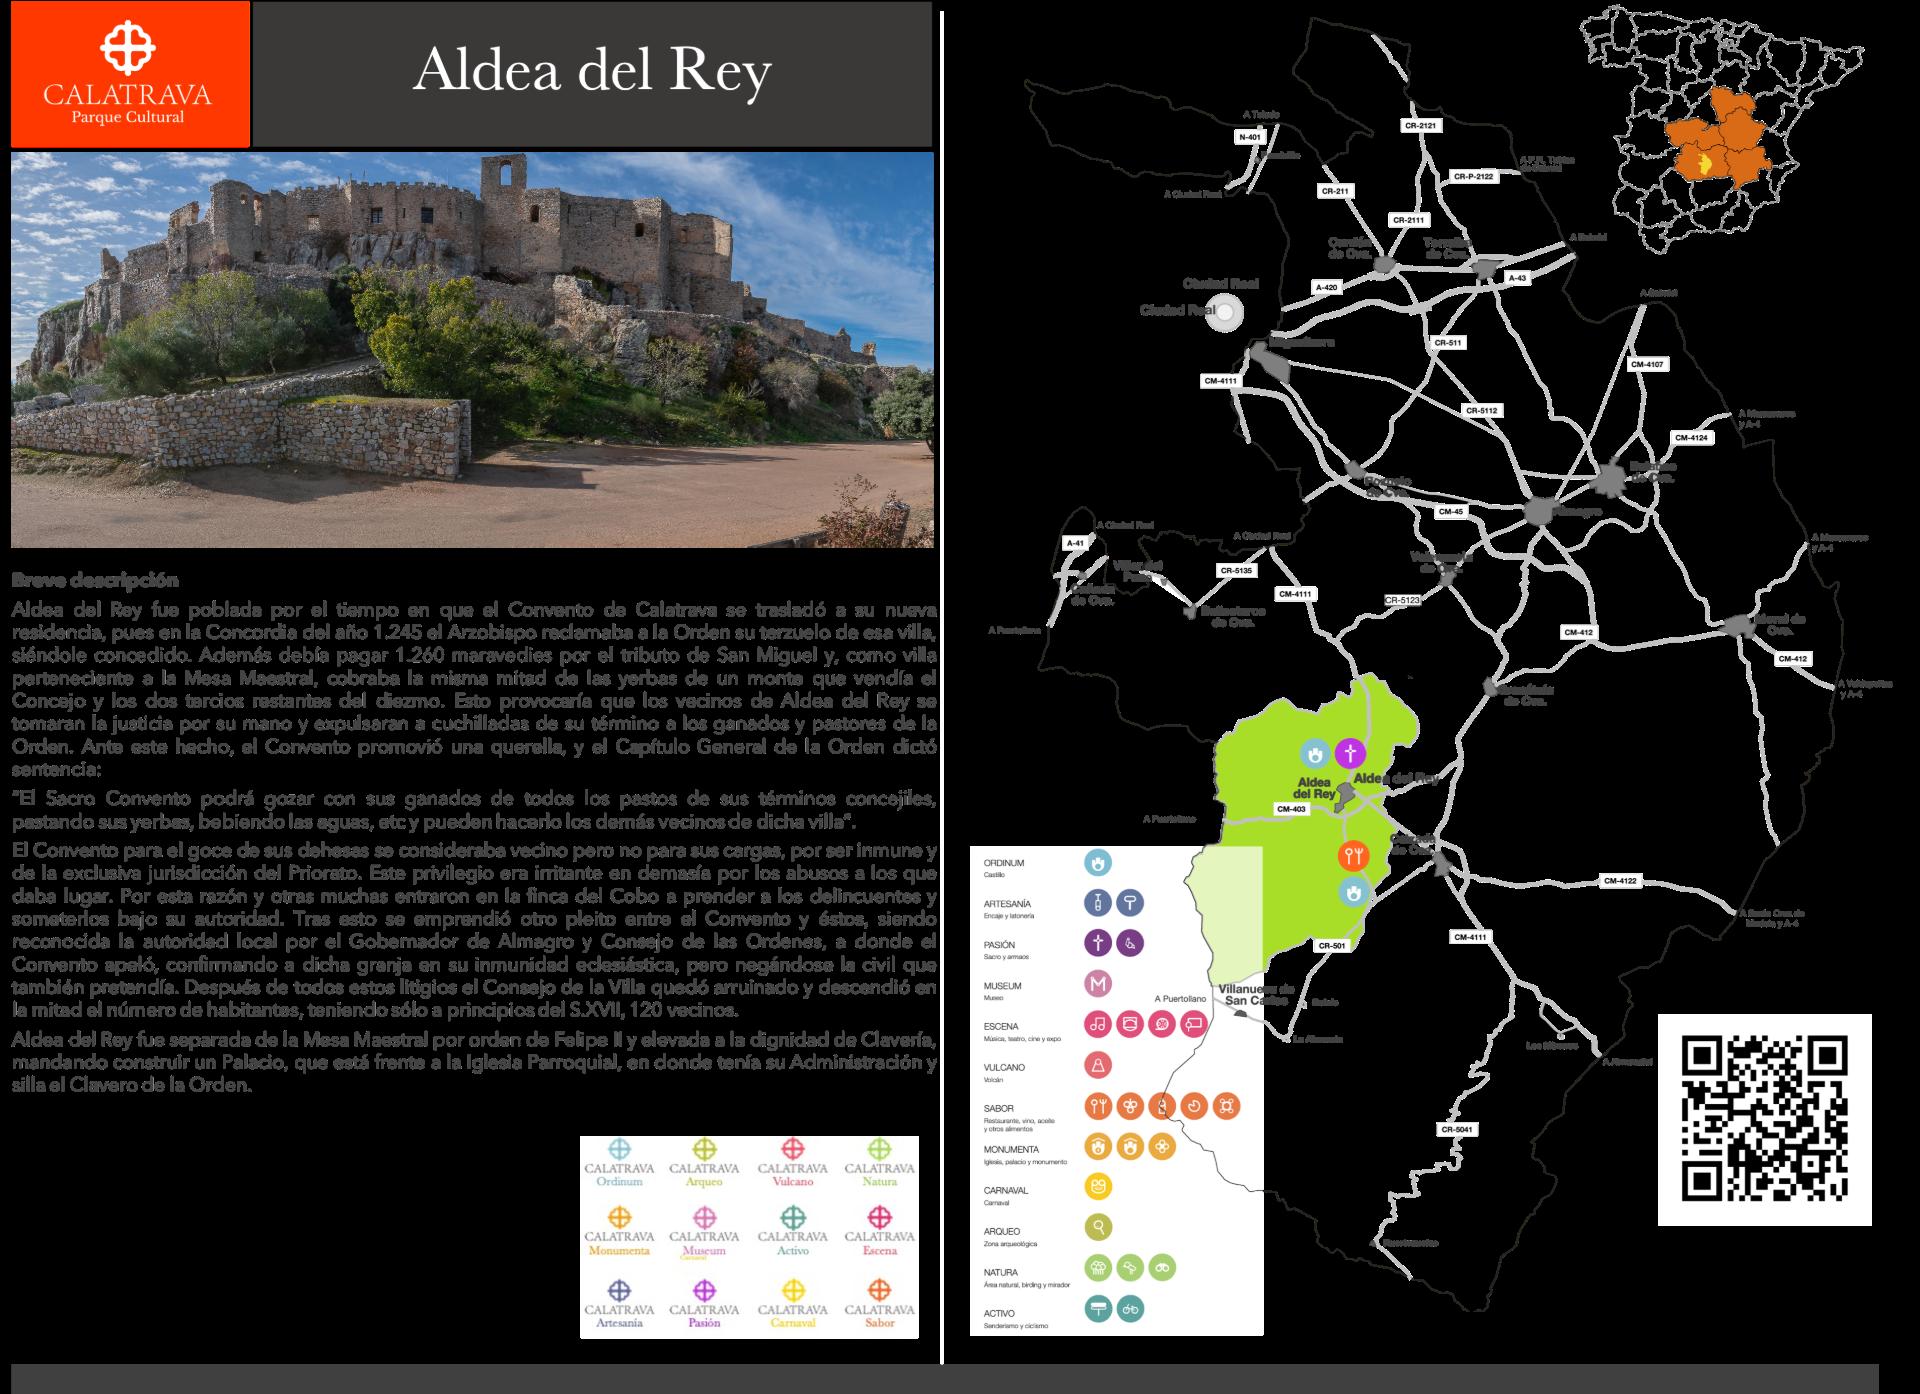 mapa-Aldea del Rey